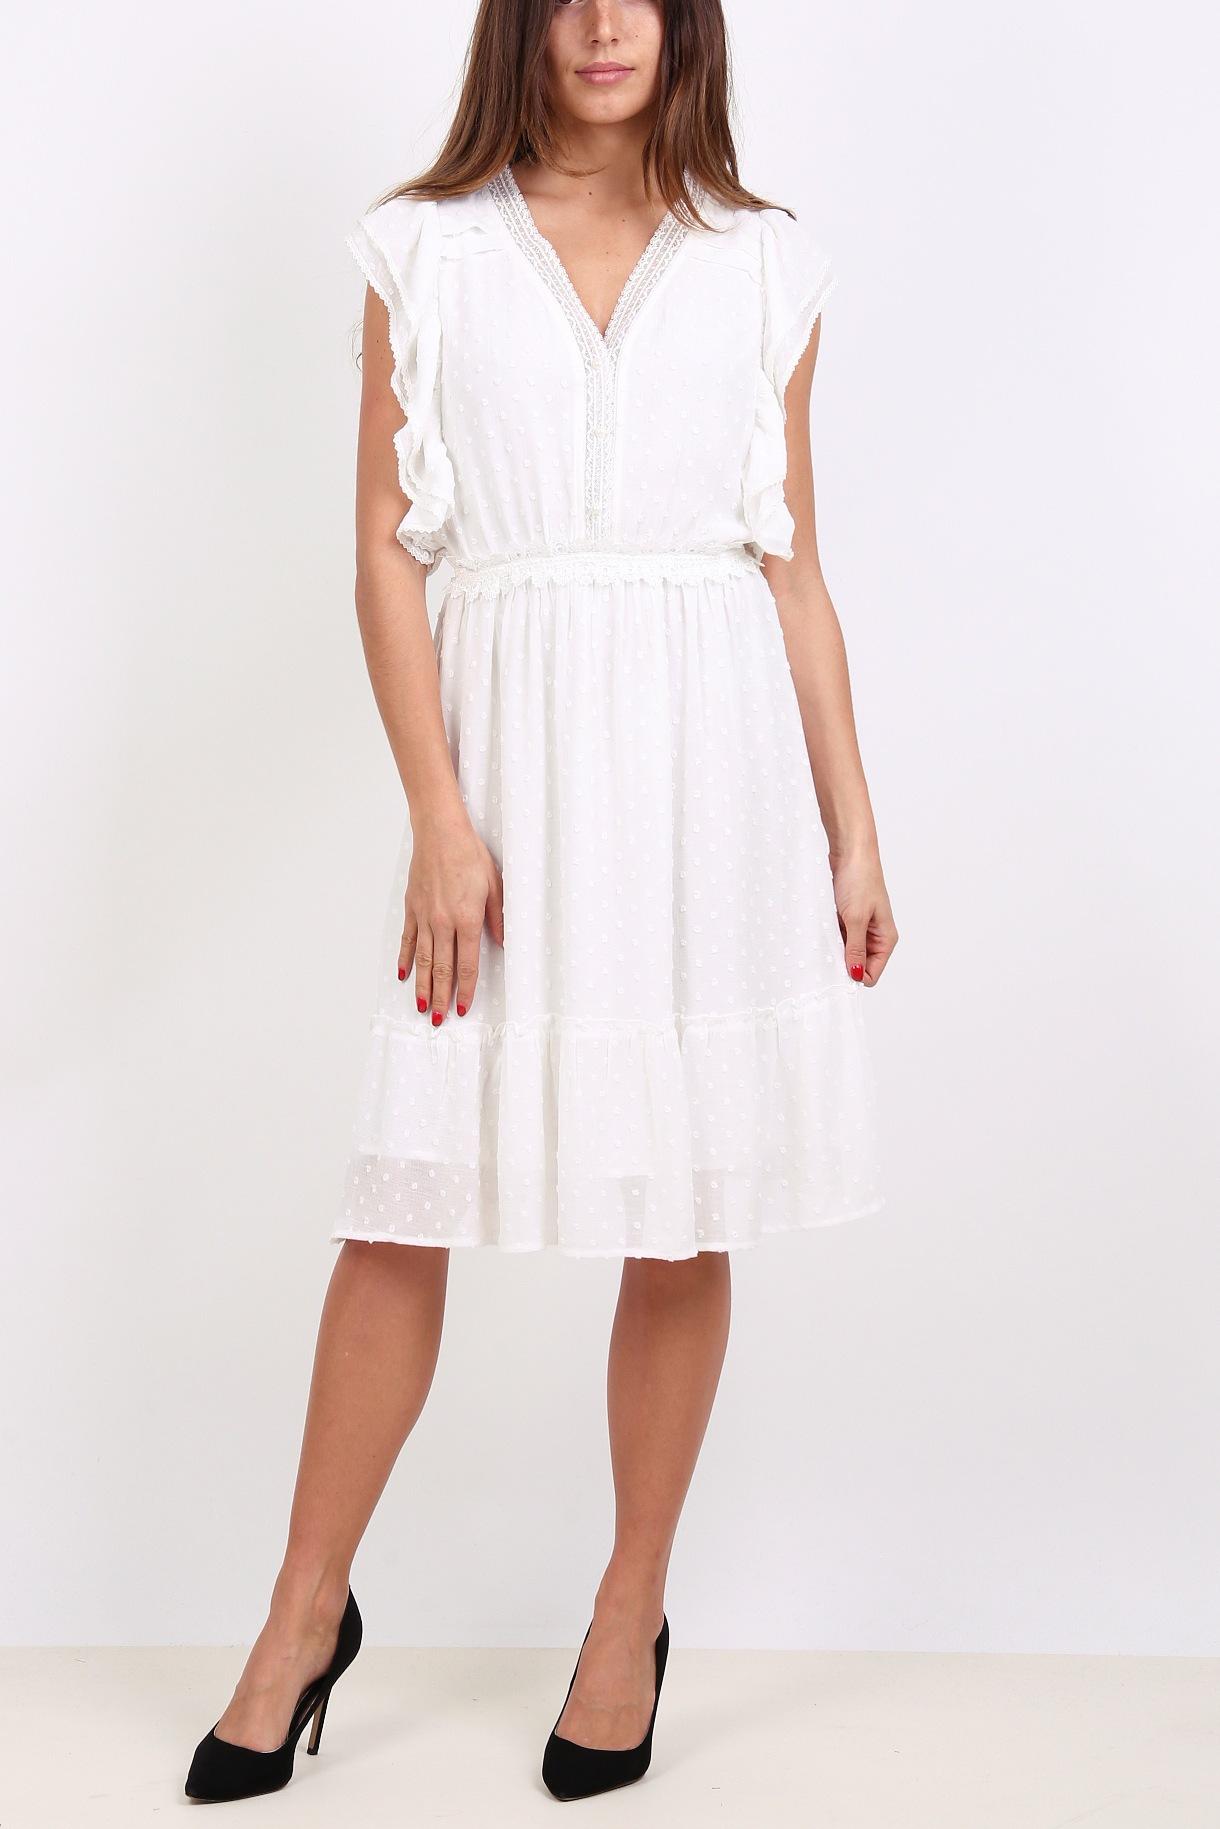 b3d9c52e4335 Dámské šaty Ryujee DUNE bílé